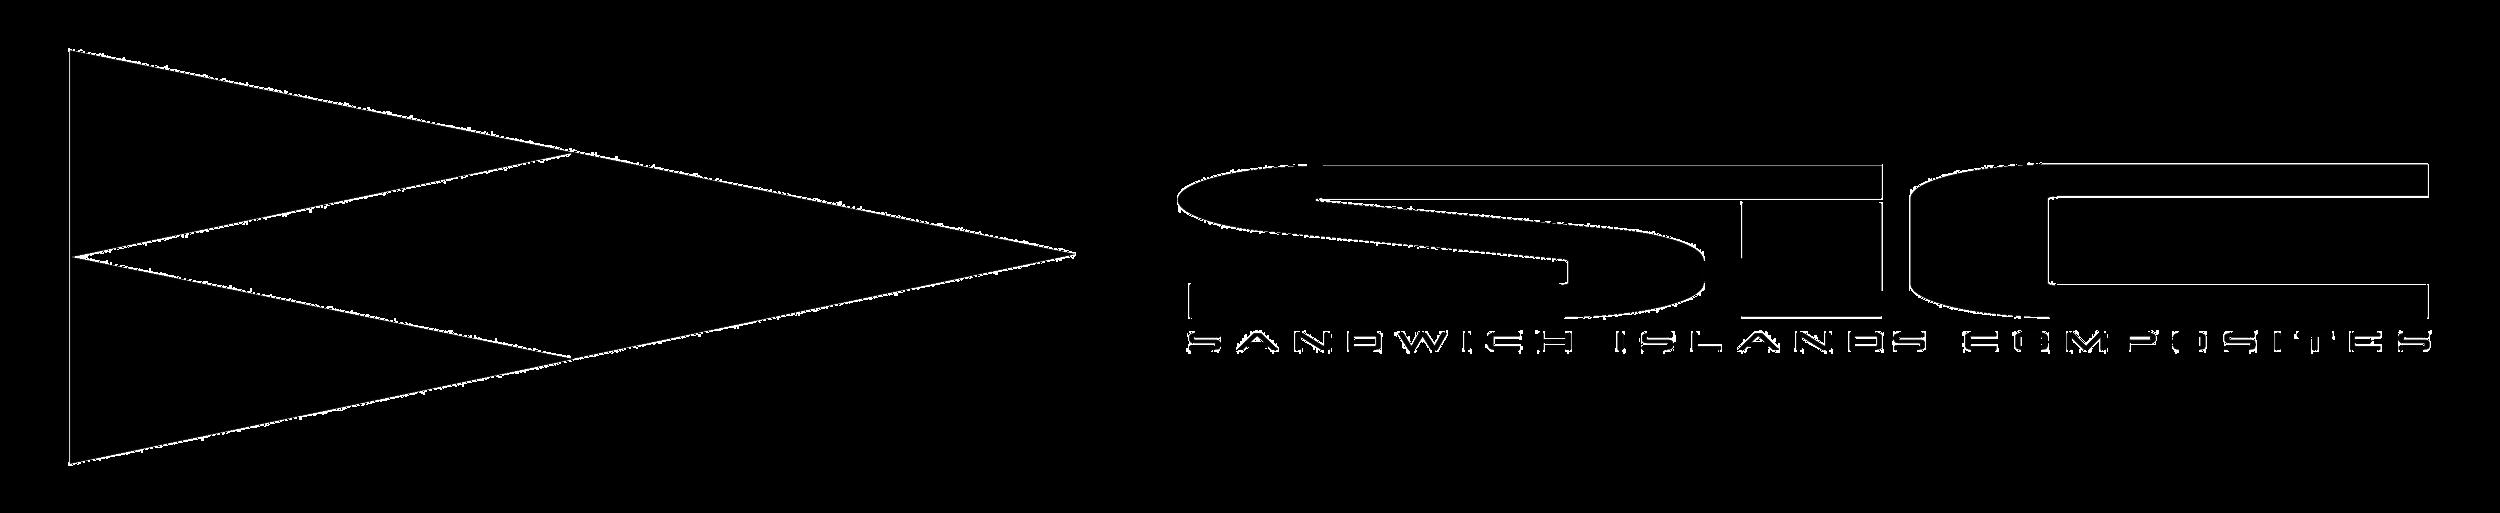 SIC-Maui-Logo 2019.png